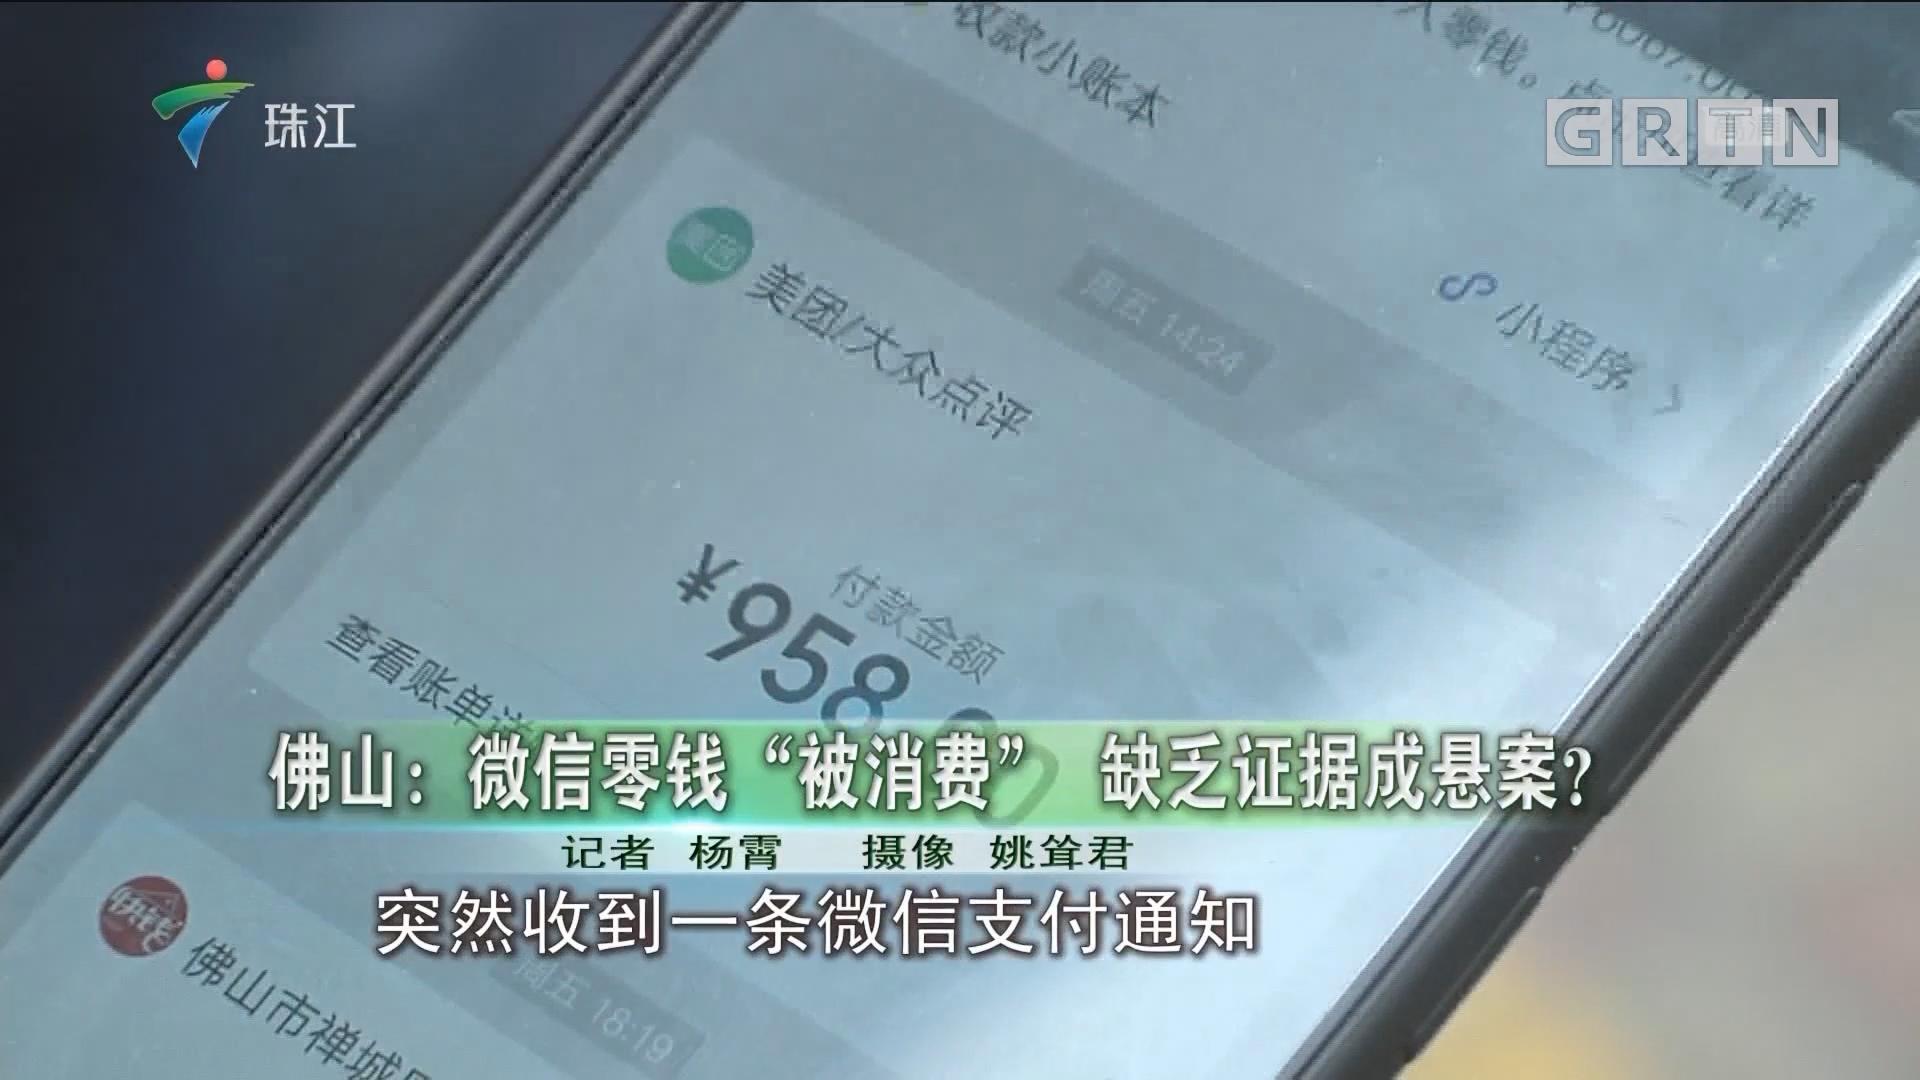 """佛山:微信零钱""""被消费"""" 缺乏证据成悬案?"""